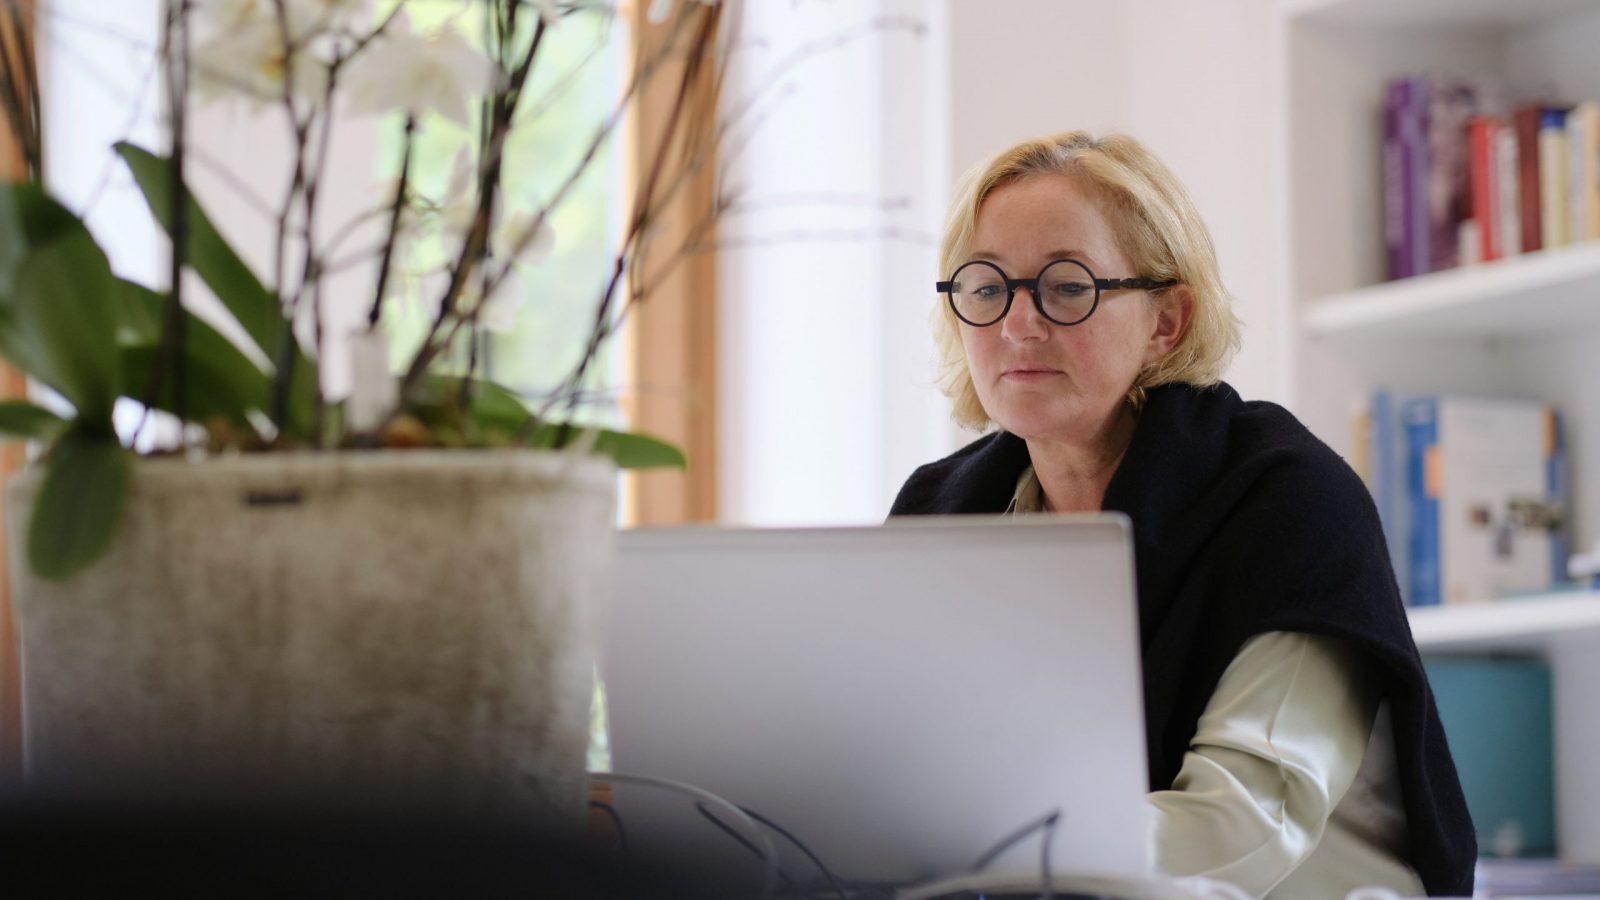 """Paulette Lenert im Interview: """"Es ist schon eine enorme Belastung"""" - Reporter.lu"""